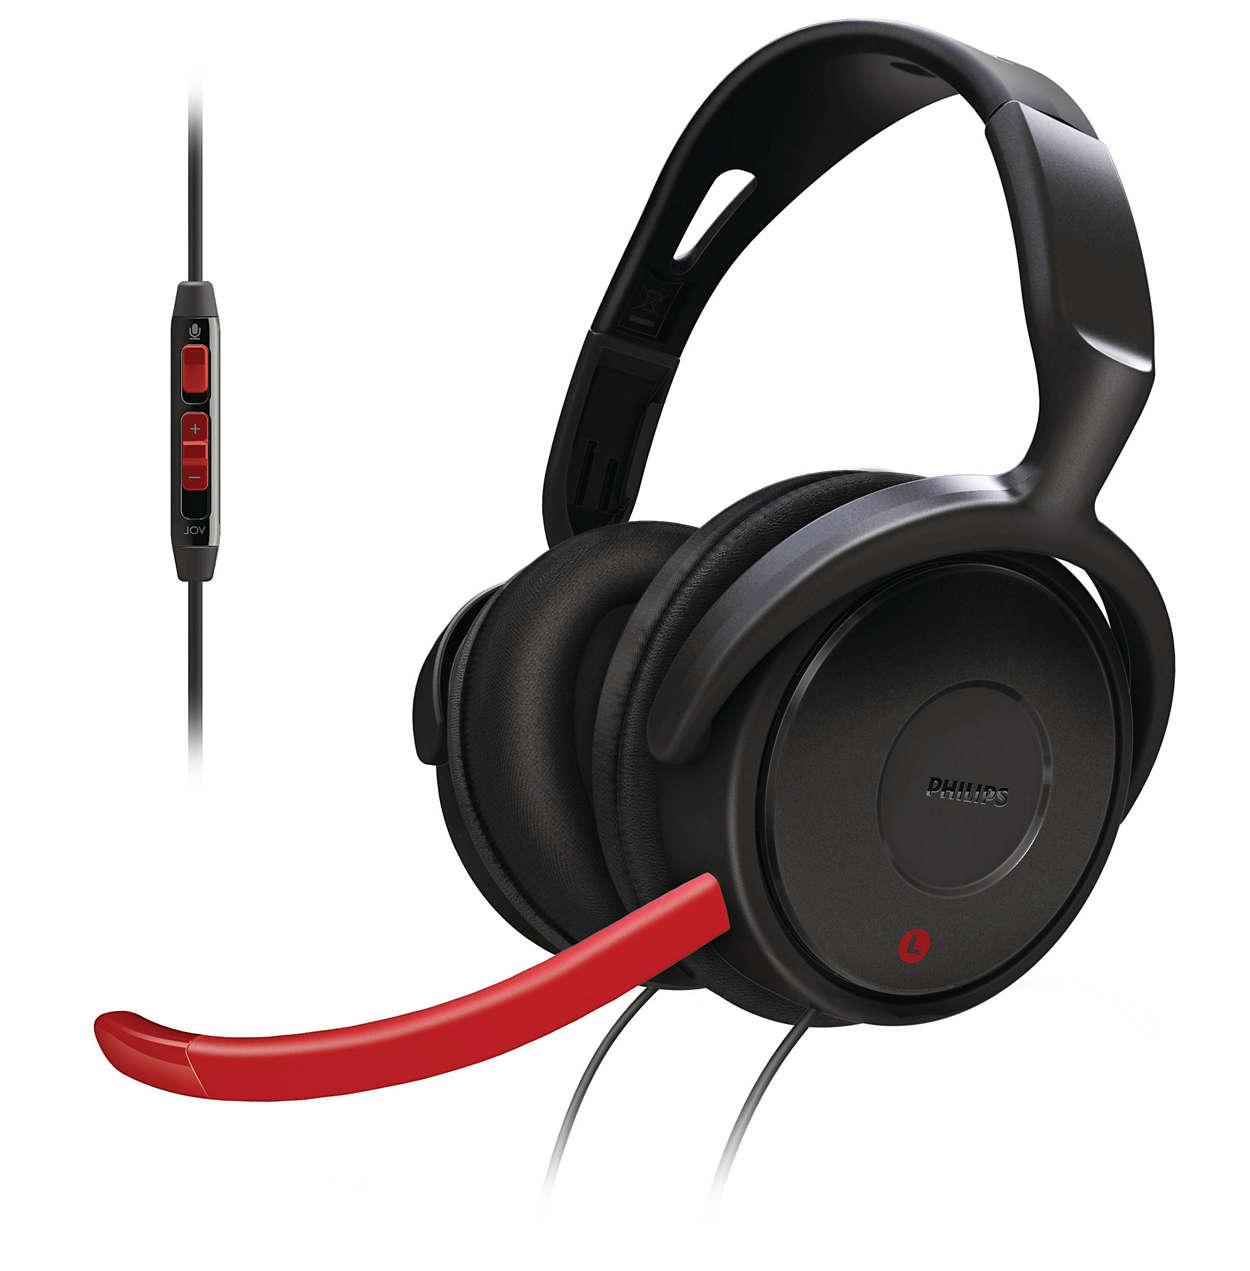 Наушники Philips SHG7980Наушники и гарнитуры<br><br><br>Тип: гарнитура<br>Вид наушников: Мониторные<br>Тип подключения: Проводные<br>Номинальная мощность мВт: 500<br>Диапазон воспроизводимых частот, Гц: 16 - 22000<br>Сопротивление, Импеданс: 16<br>Чувствительность дБ: 93<br>Микрофон: есть<br>Крепление микрофона: фиксированное<br>Чувствительность микрофона, дБ: -42 дБ